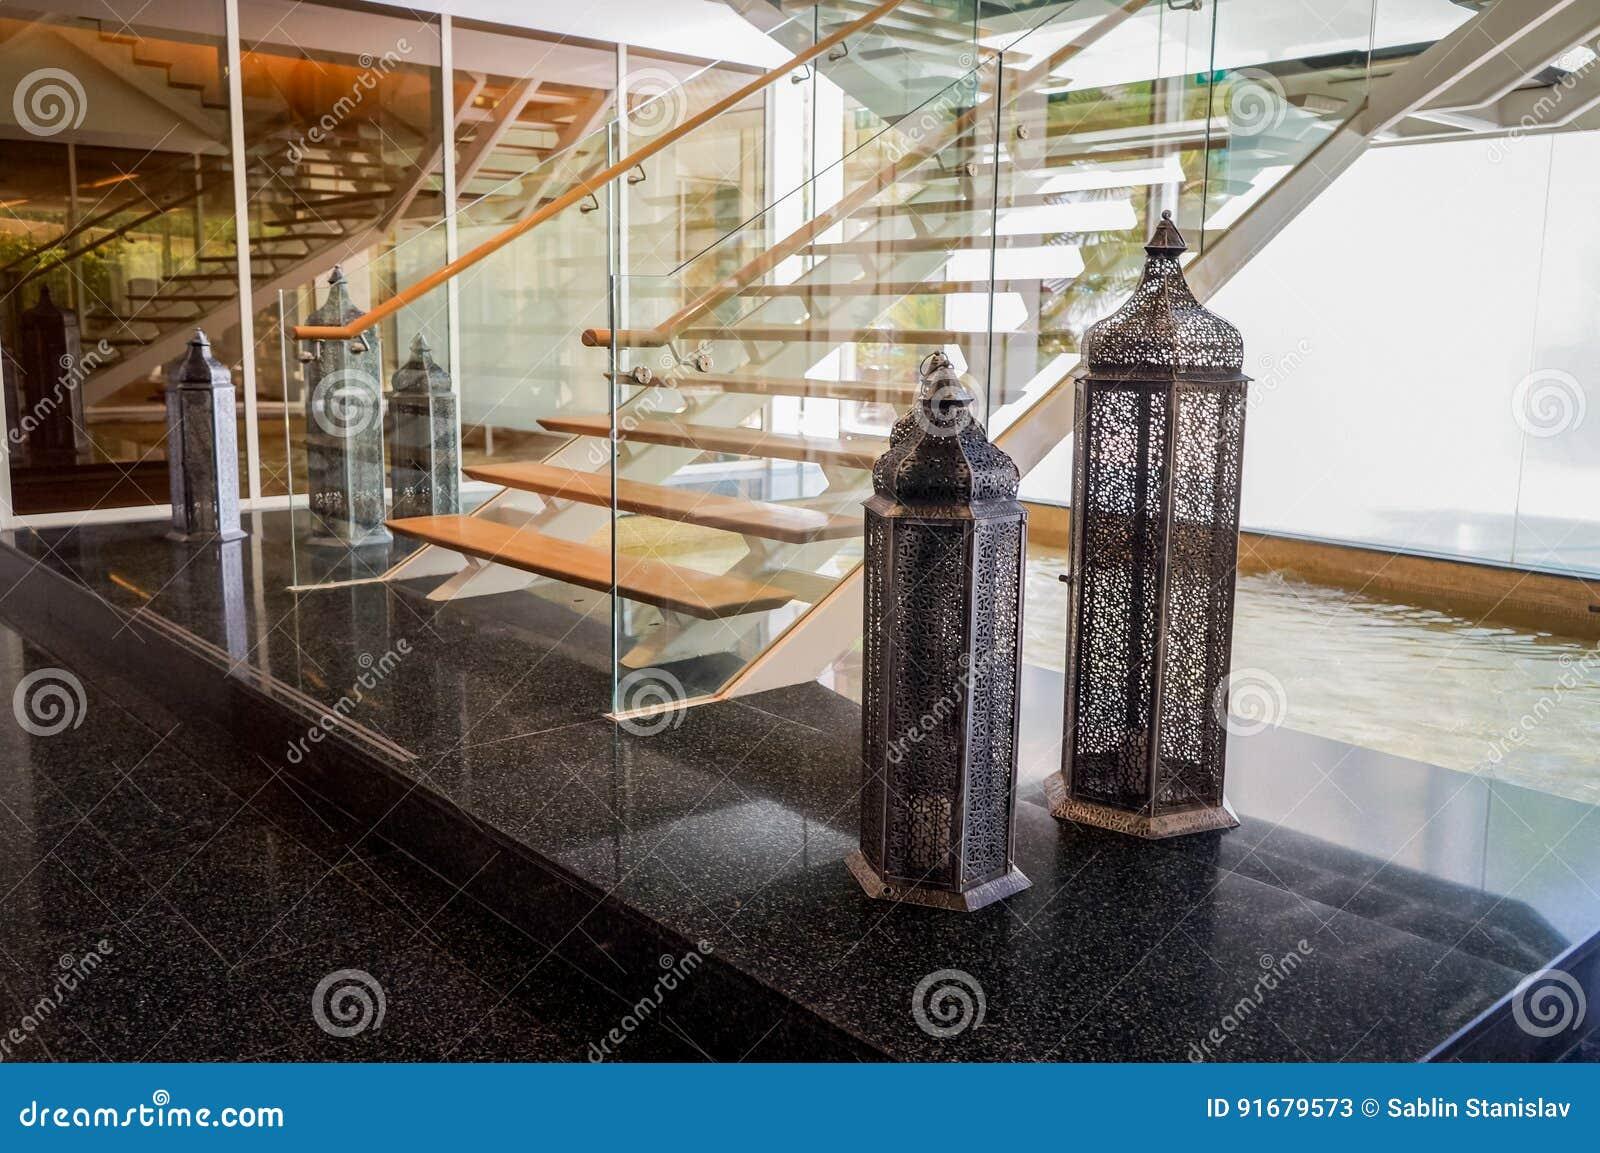 dubai en el verano de decoracin de mrmol interior moderna y brillante en el parque hyatt del hotel abu dhabi